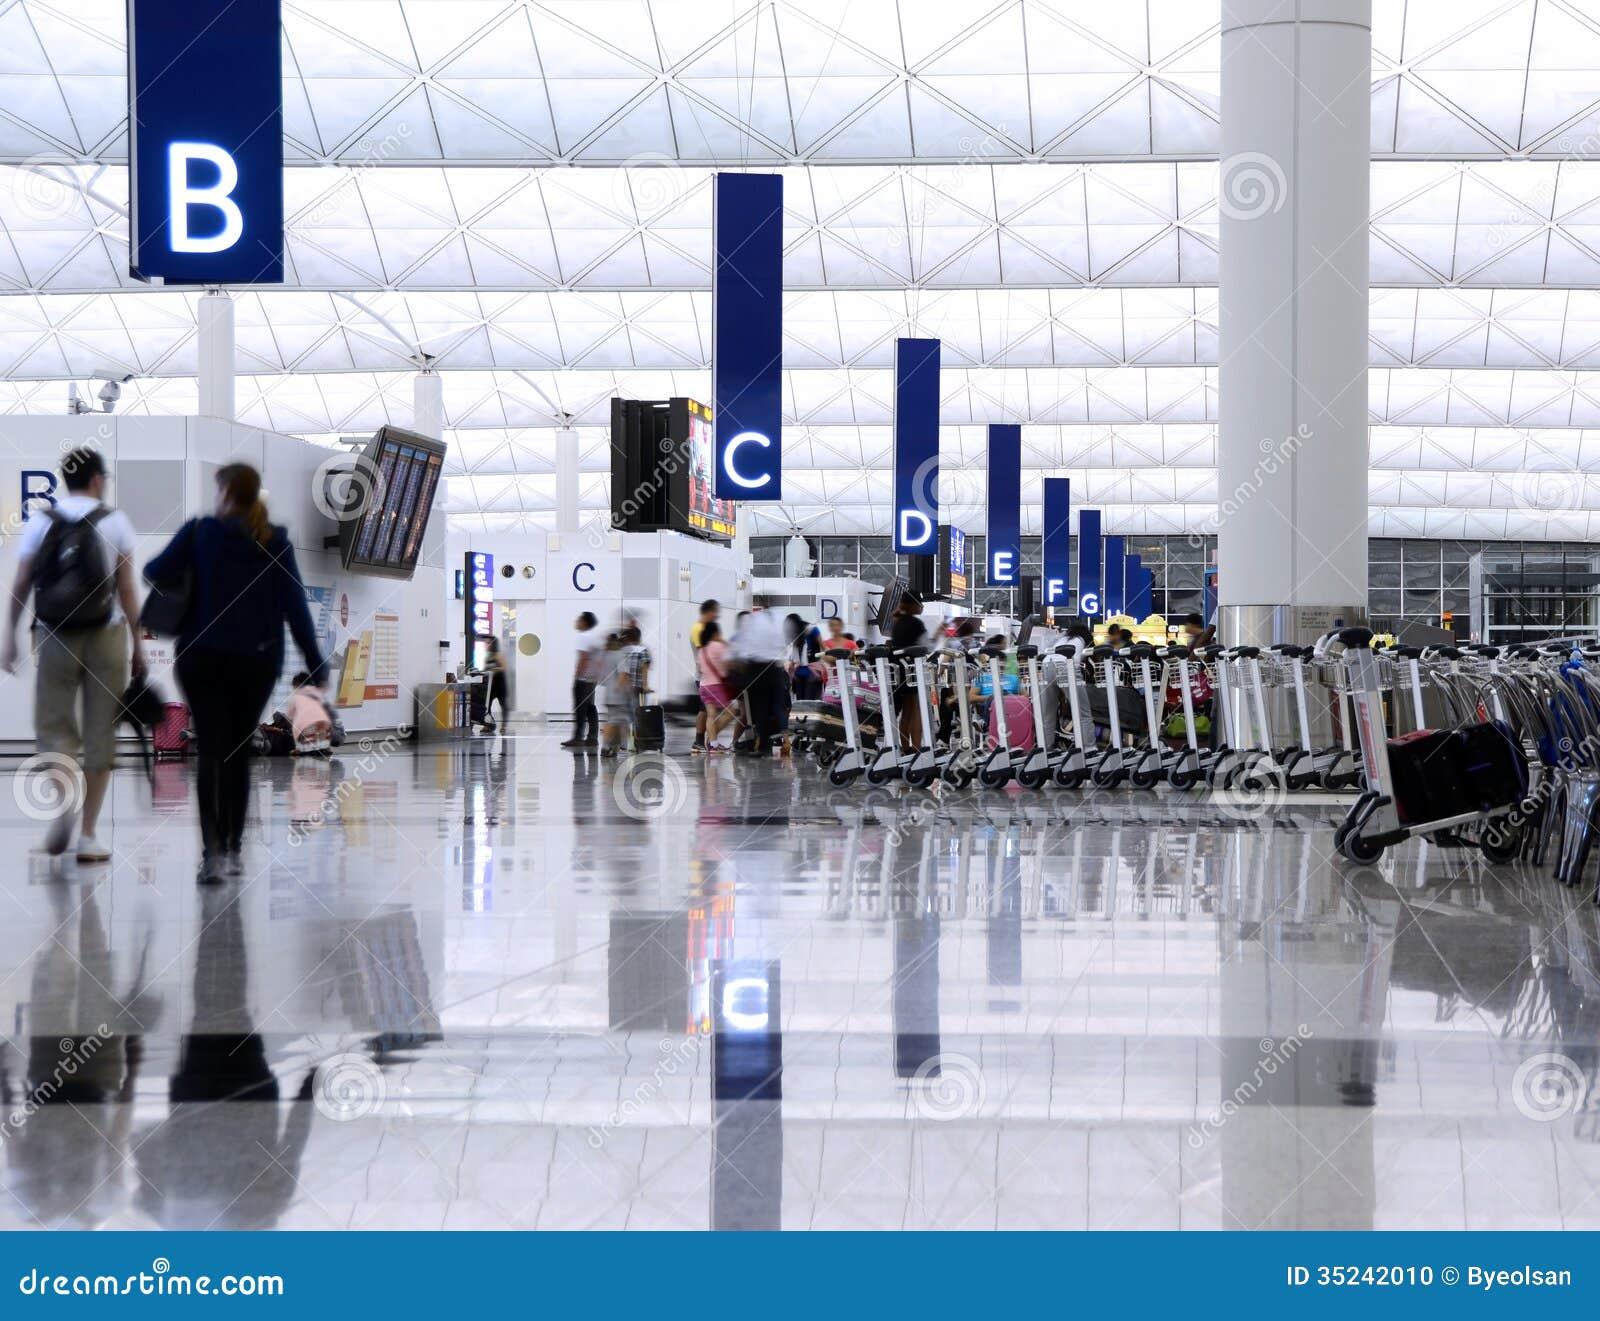 Hong Kong International Airport Editorial Image Image